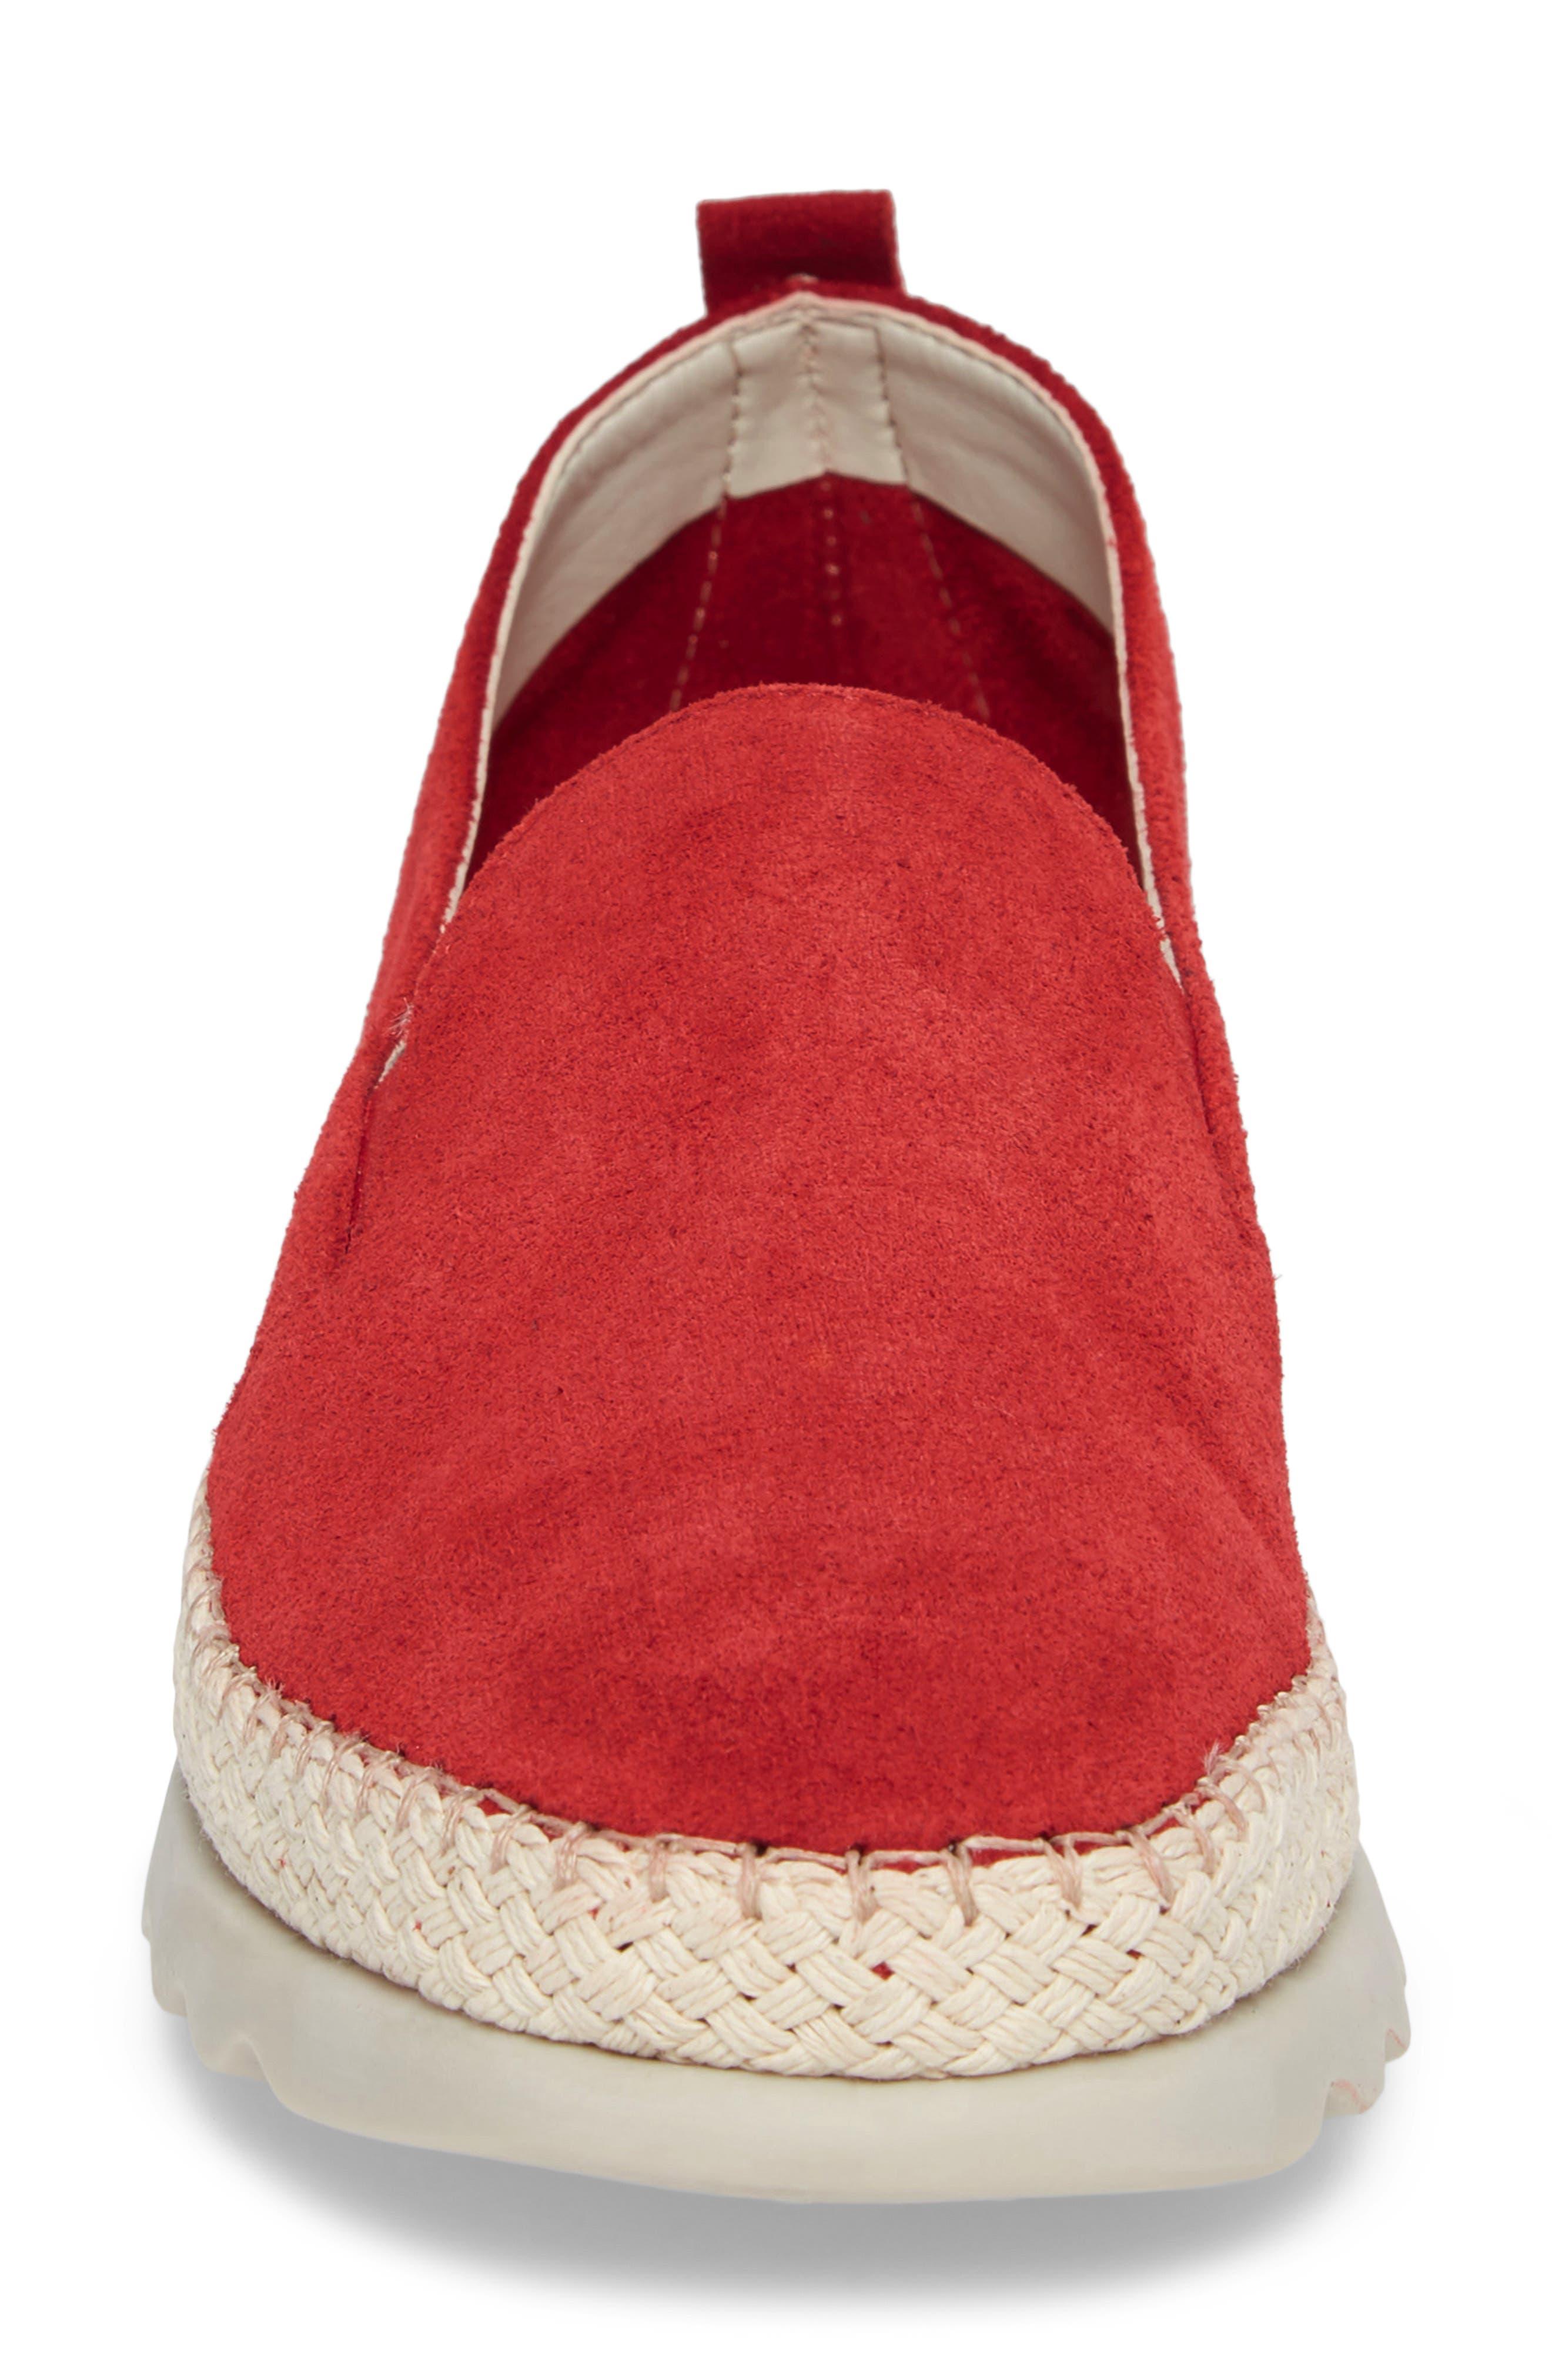 Chappie Slip-On Sneaker,                             Alternate thumbnail 27, color,